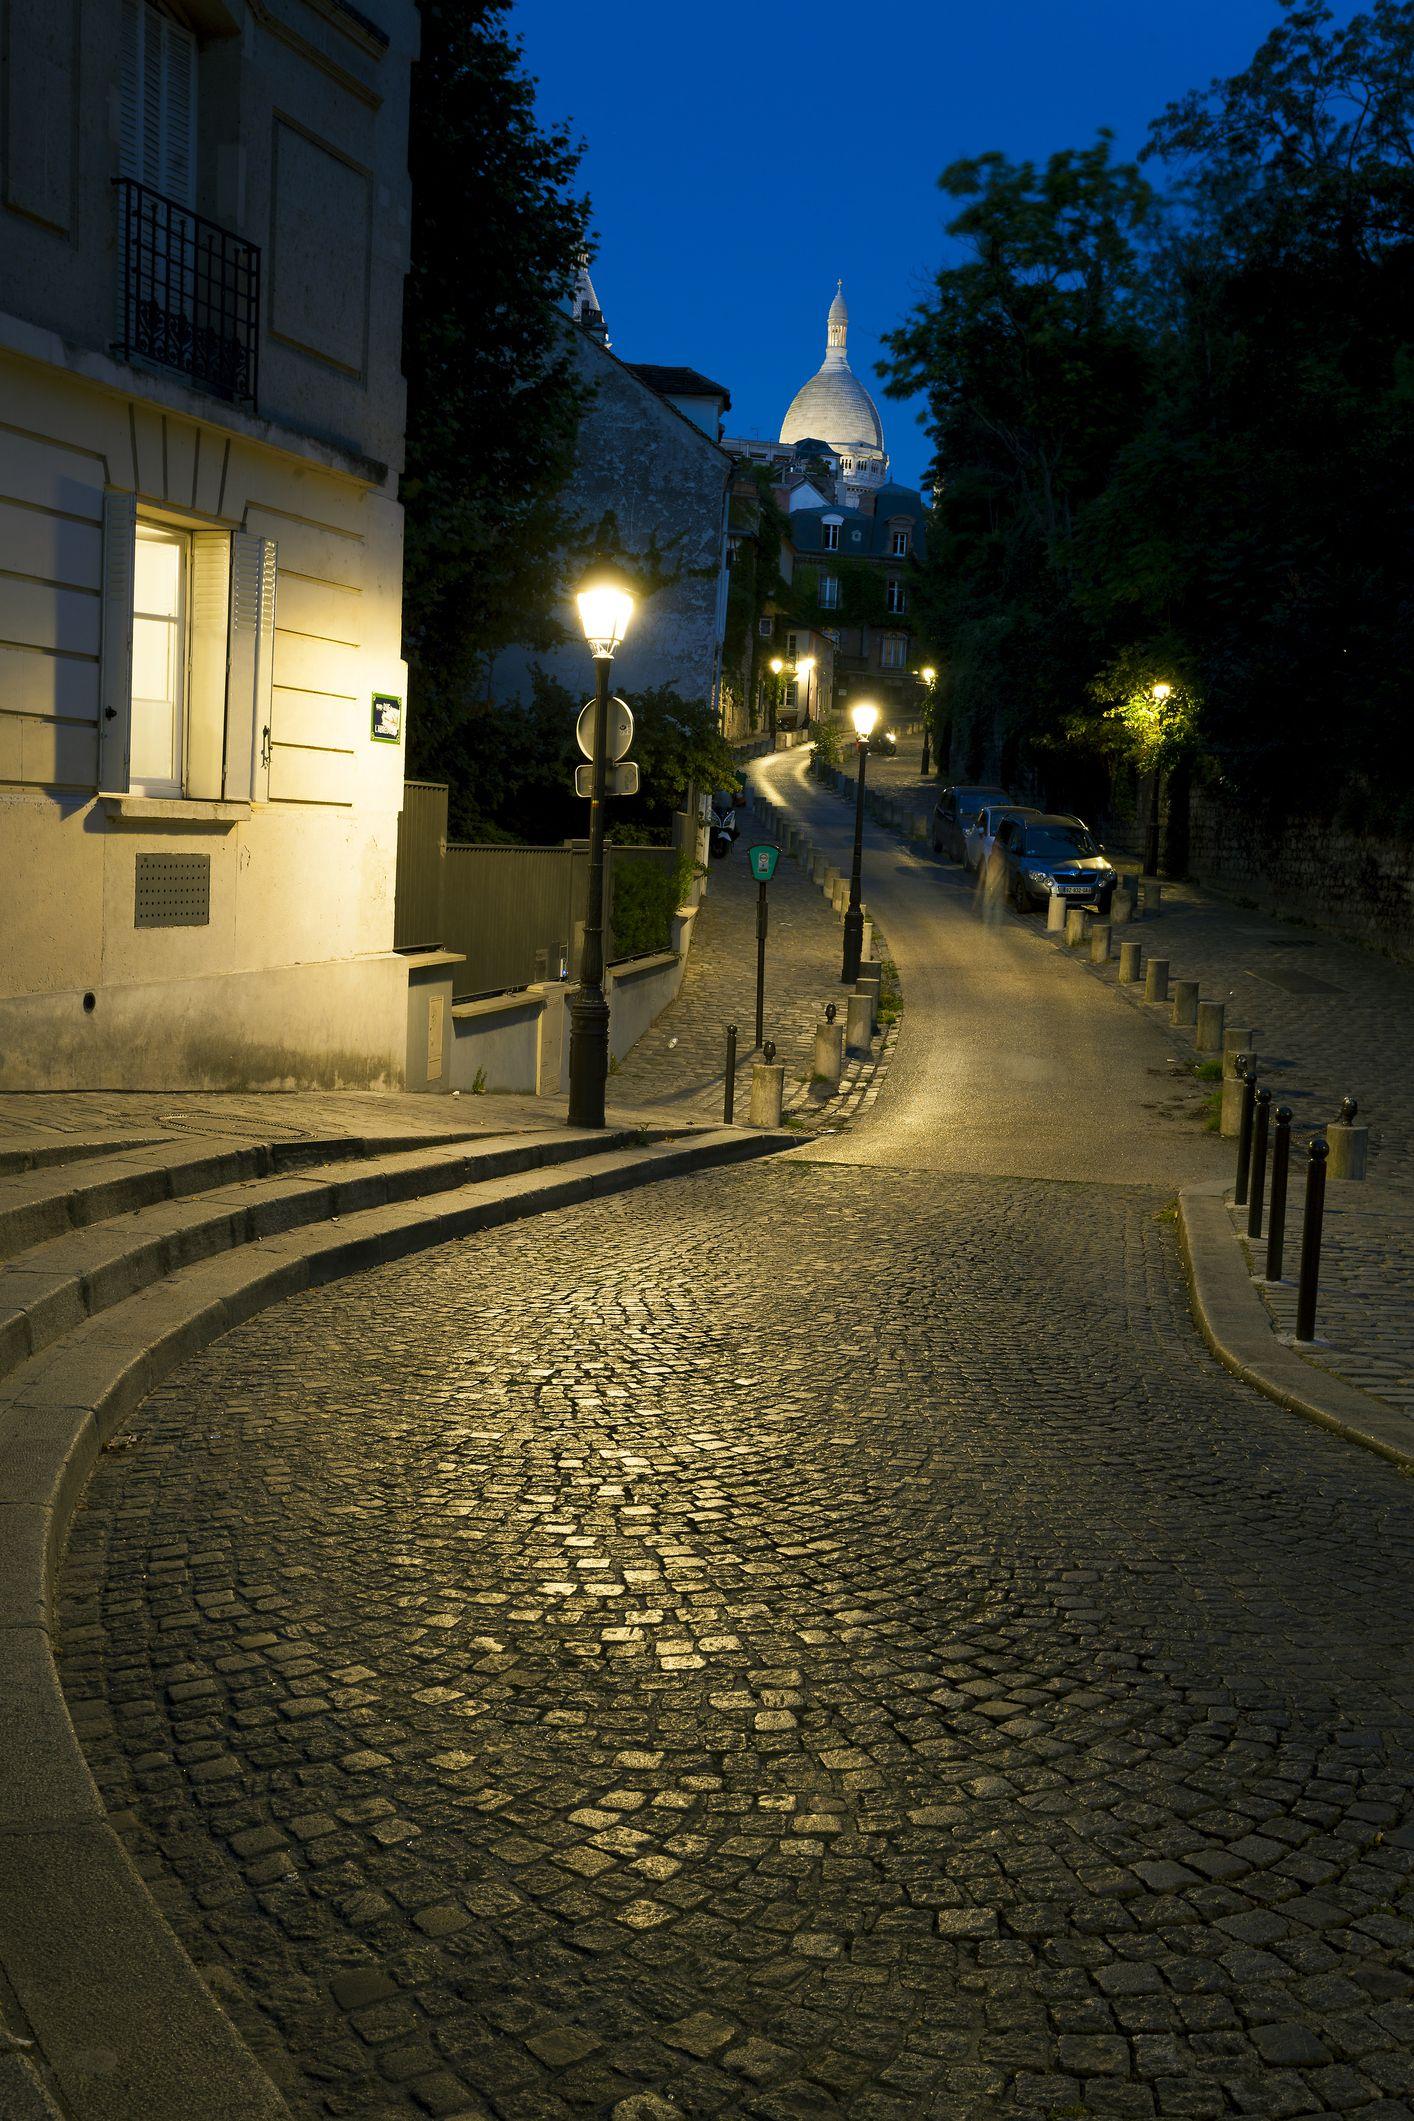 Place Dalida, Montmartre, Paris, Ile-de-france, France